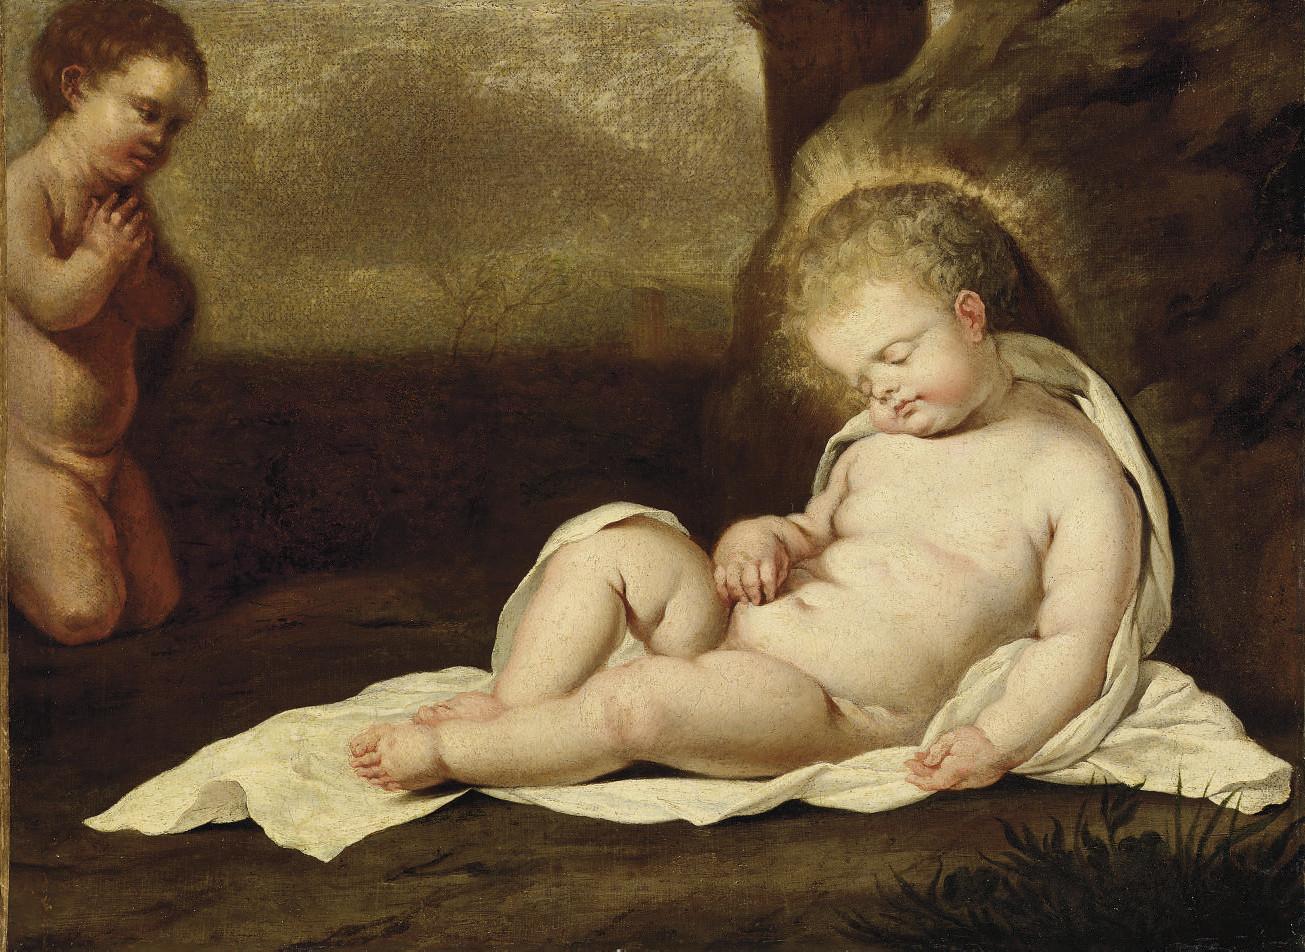 Le Christ Enfant endormi avec saint Jean-Baptiste